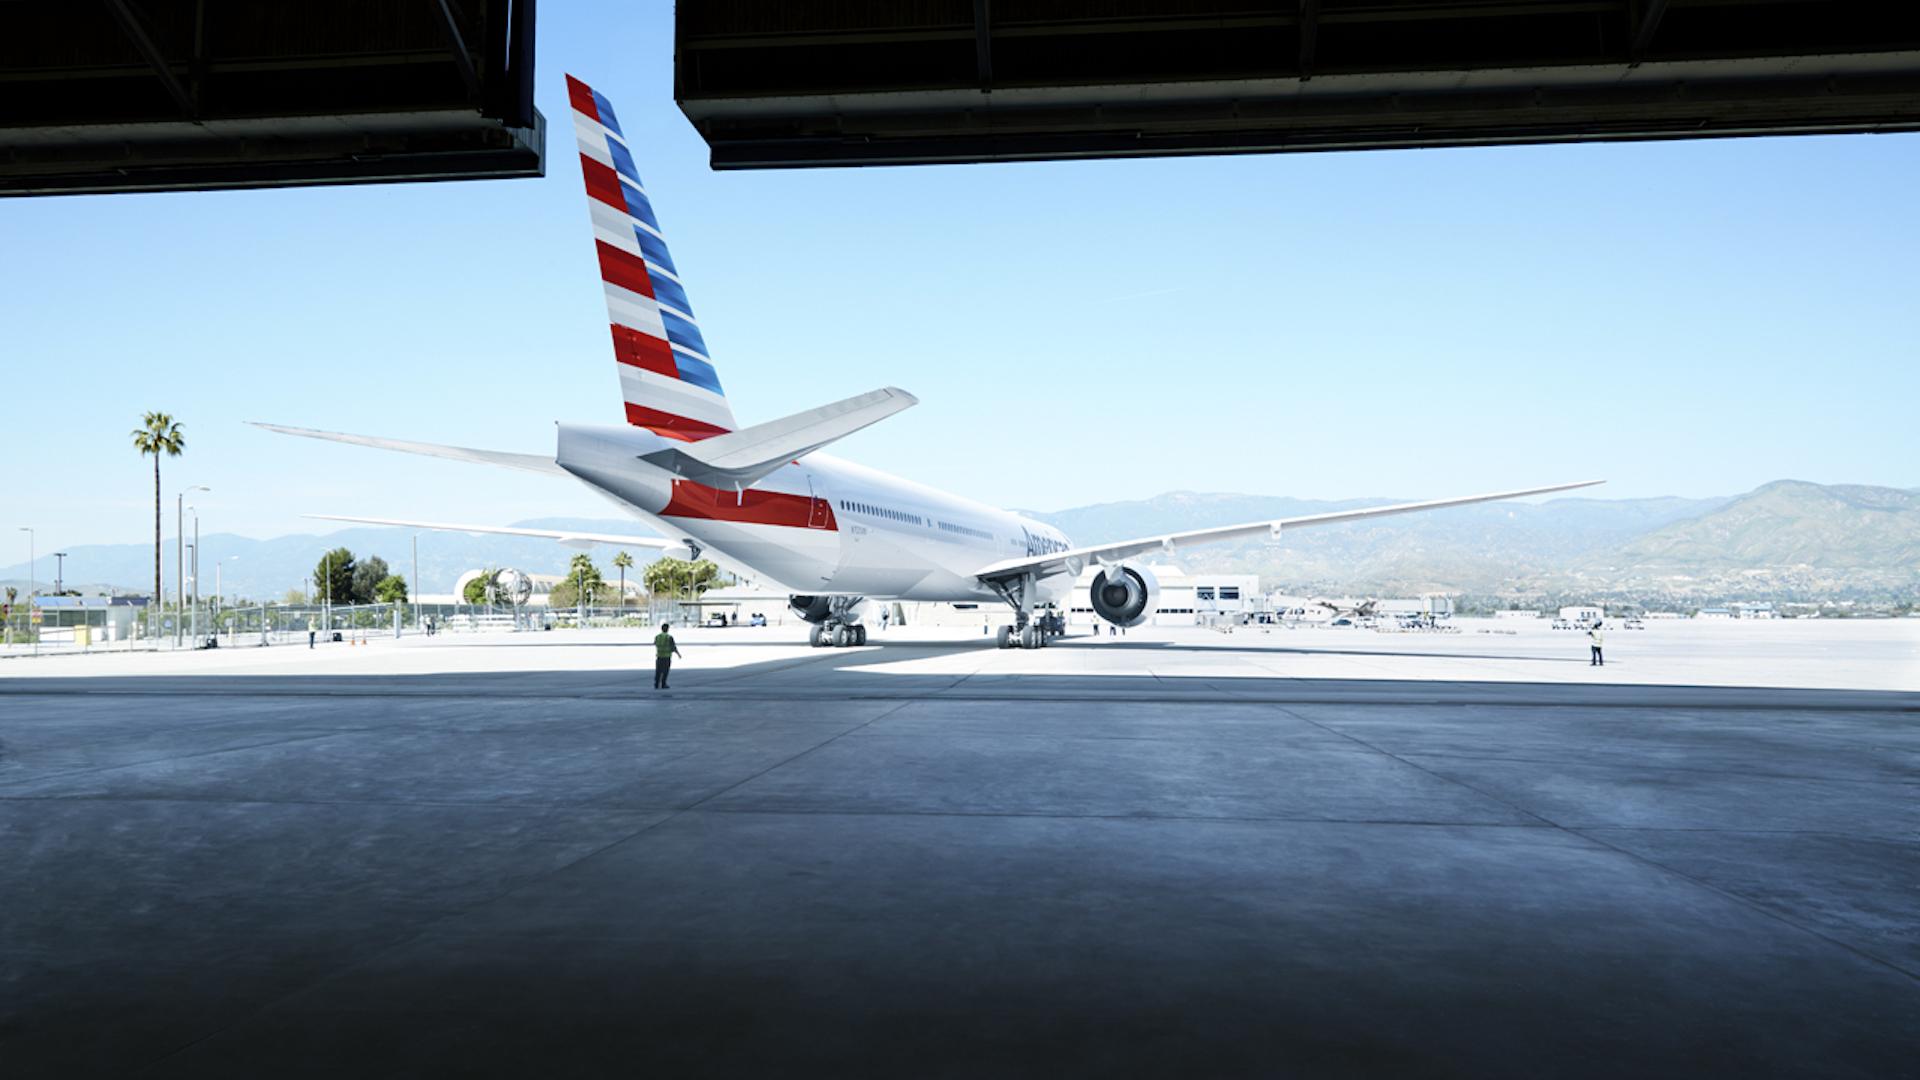 Vuelos cancelados de American Airlines en Argentina: ¿cuál es la situación?